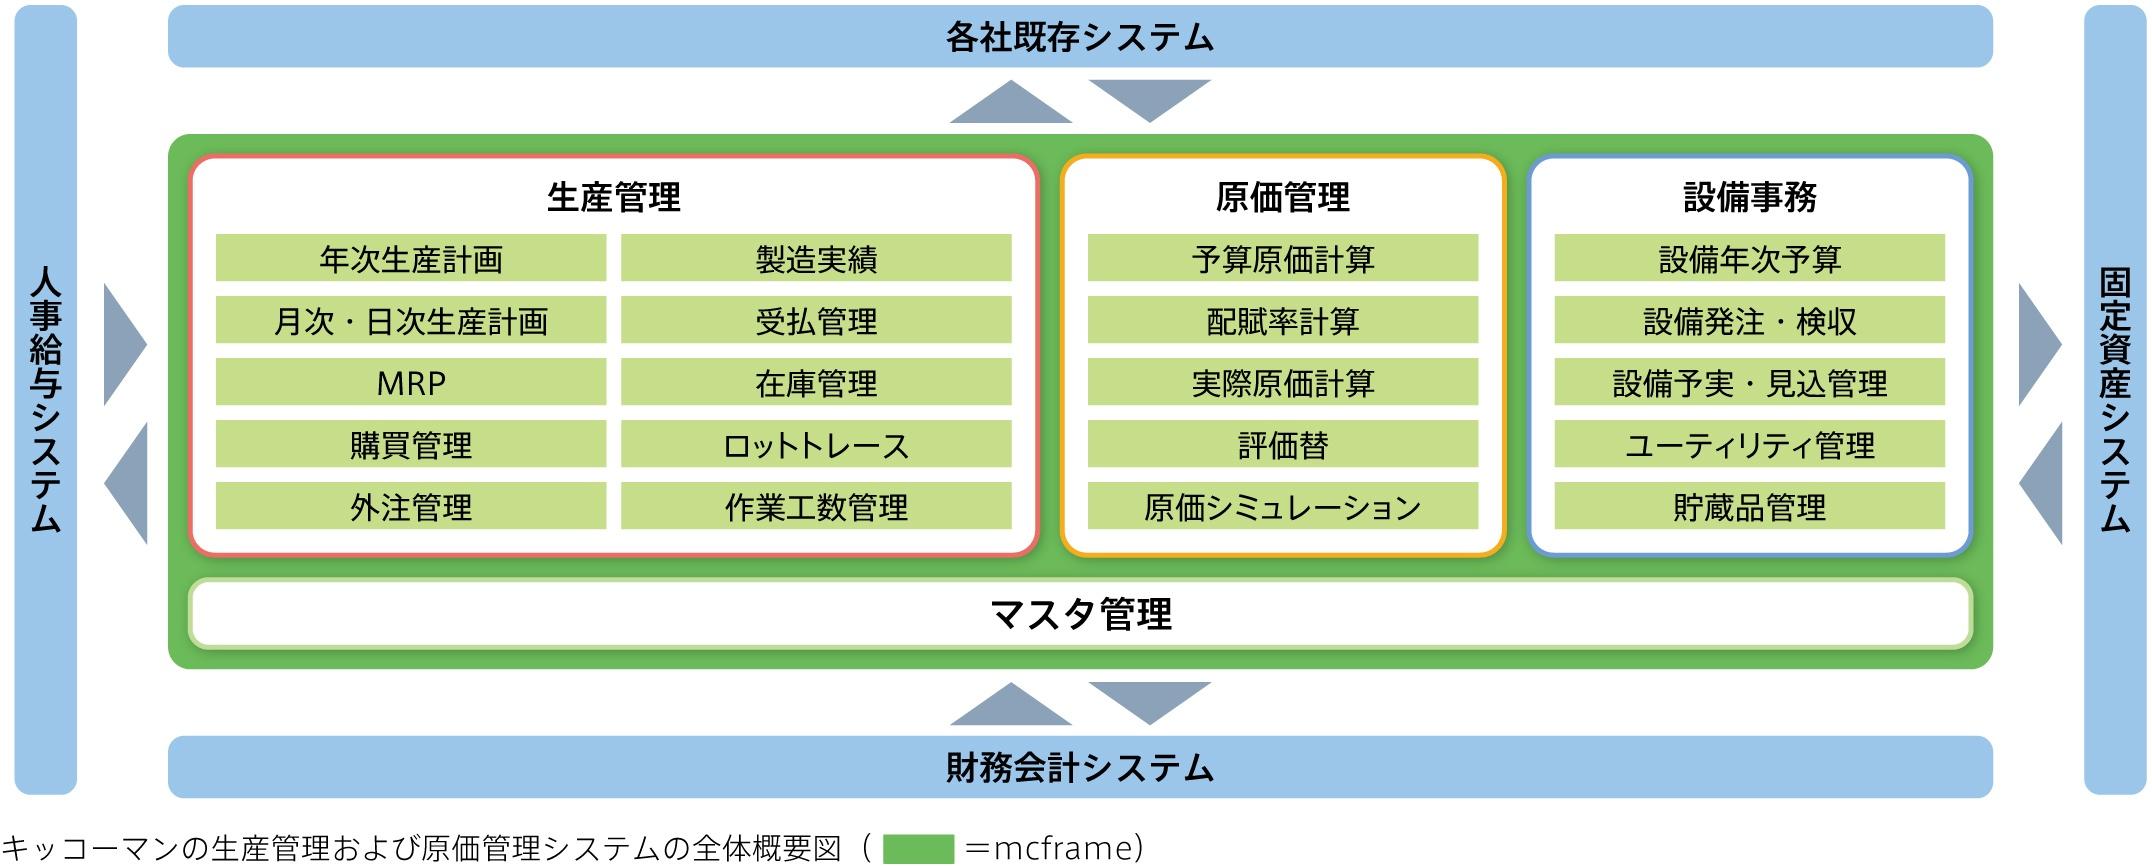 キッコーマンの生産管理および原価管理システムの全体概要図